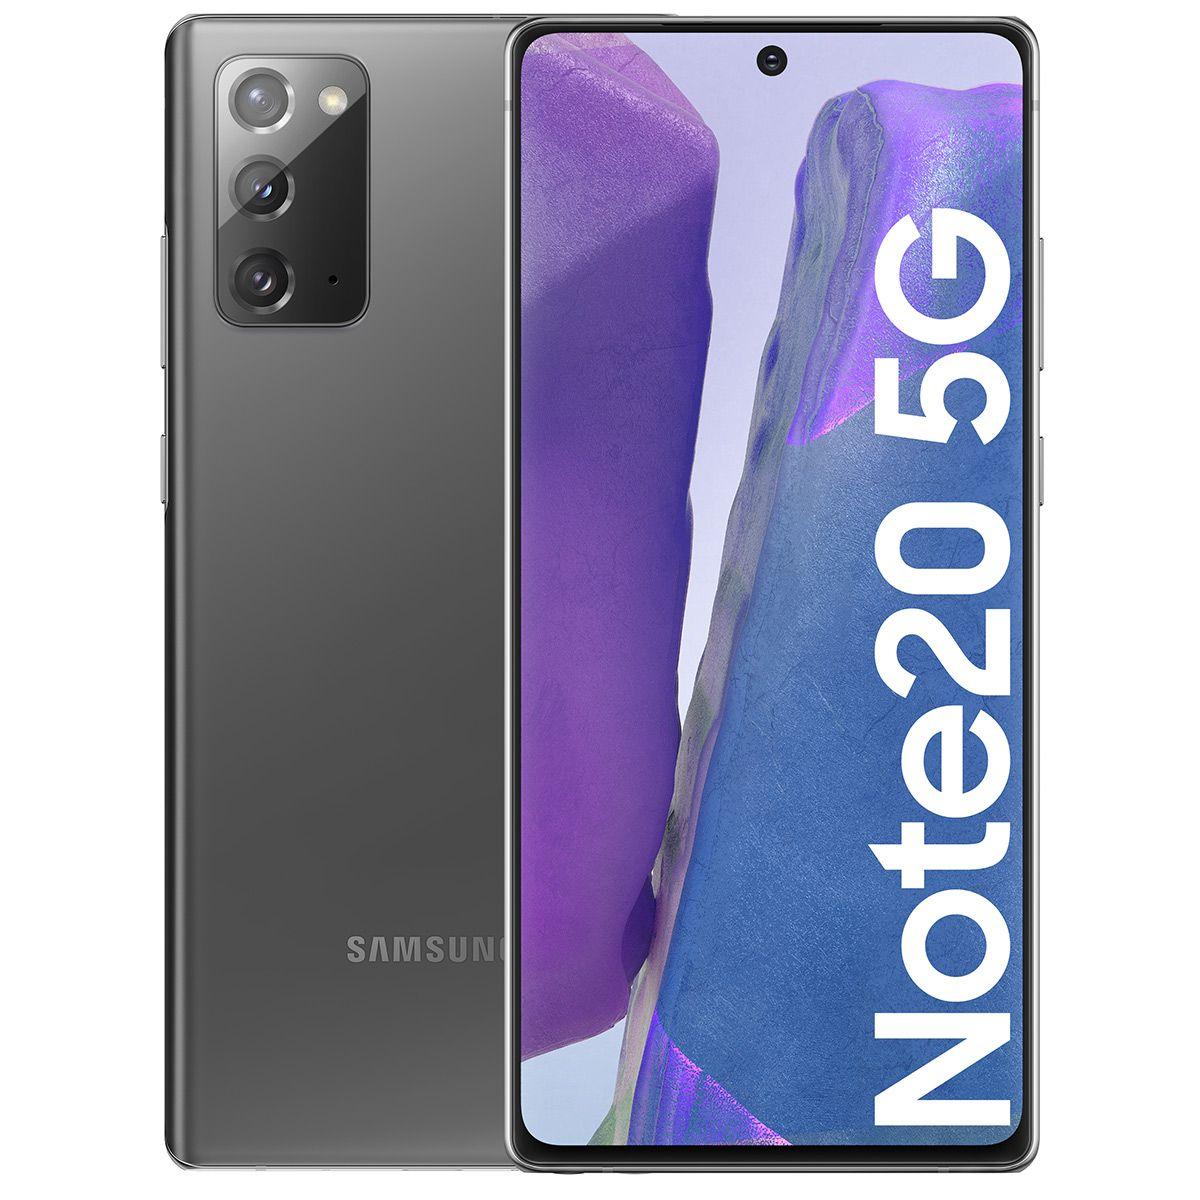 """Smartphone 6.7"""" Samsung Galaxy Note 20 (5G) - Full HD+, Exynos 990 ou Snapdragon 865+, RAM 8 Go, 256 Go (+ 69.90€ en SuperPoints)"""